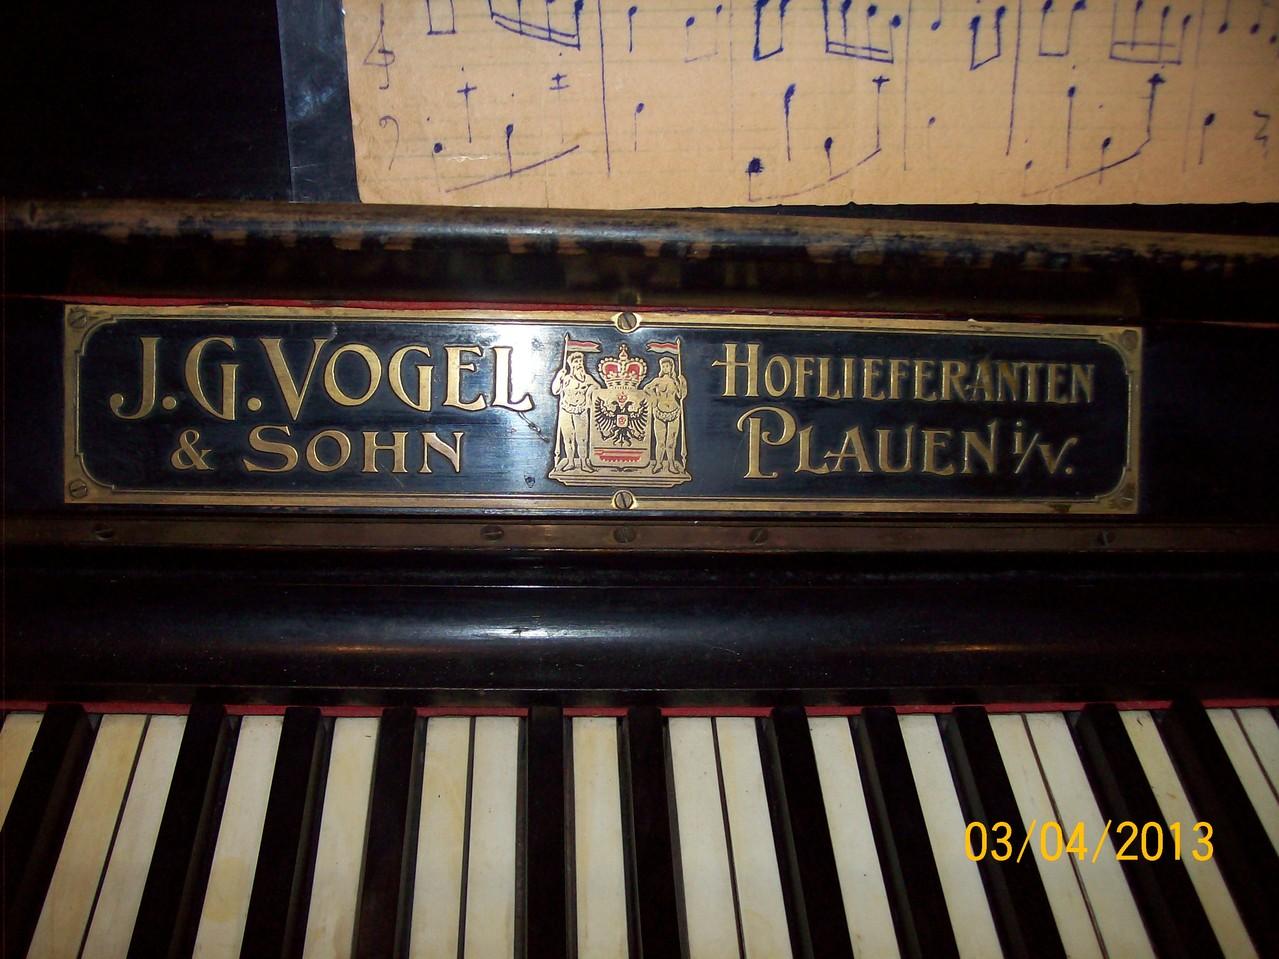 Піаніно - експонат музею із Німеччини.